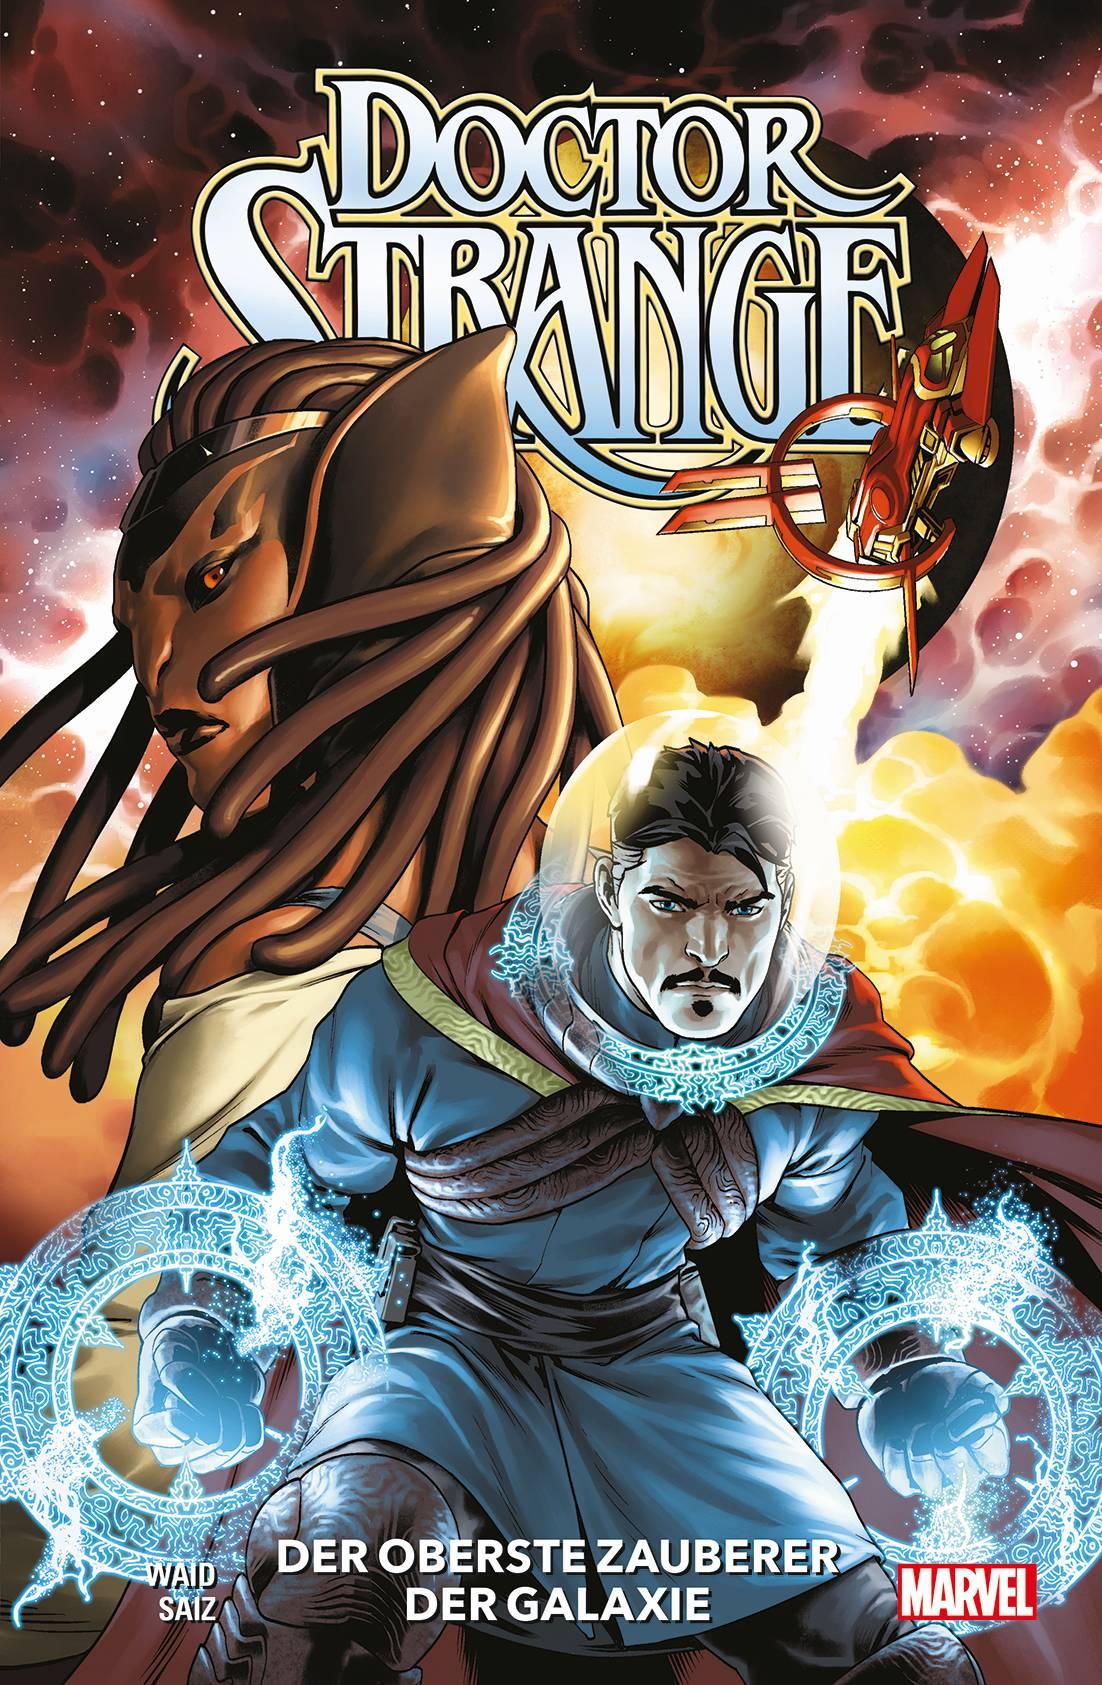 Doctor Strange Bd. 1 - Der oberste Zauberer der Galaxie